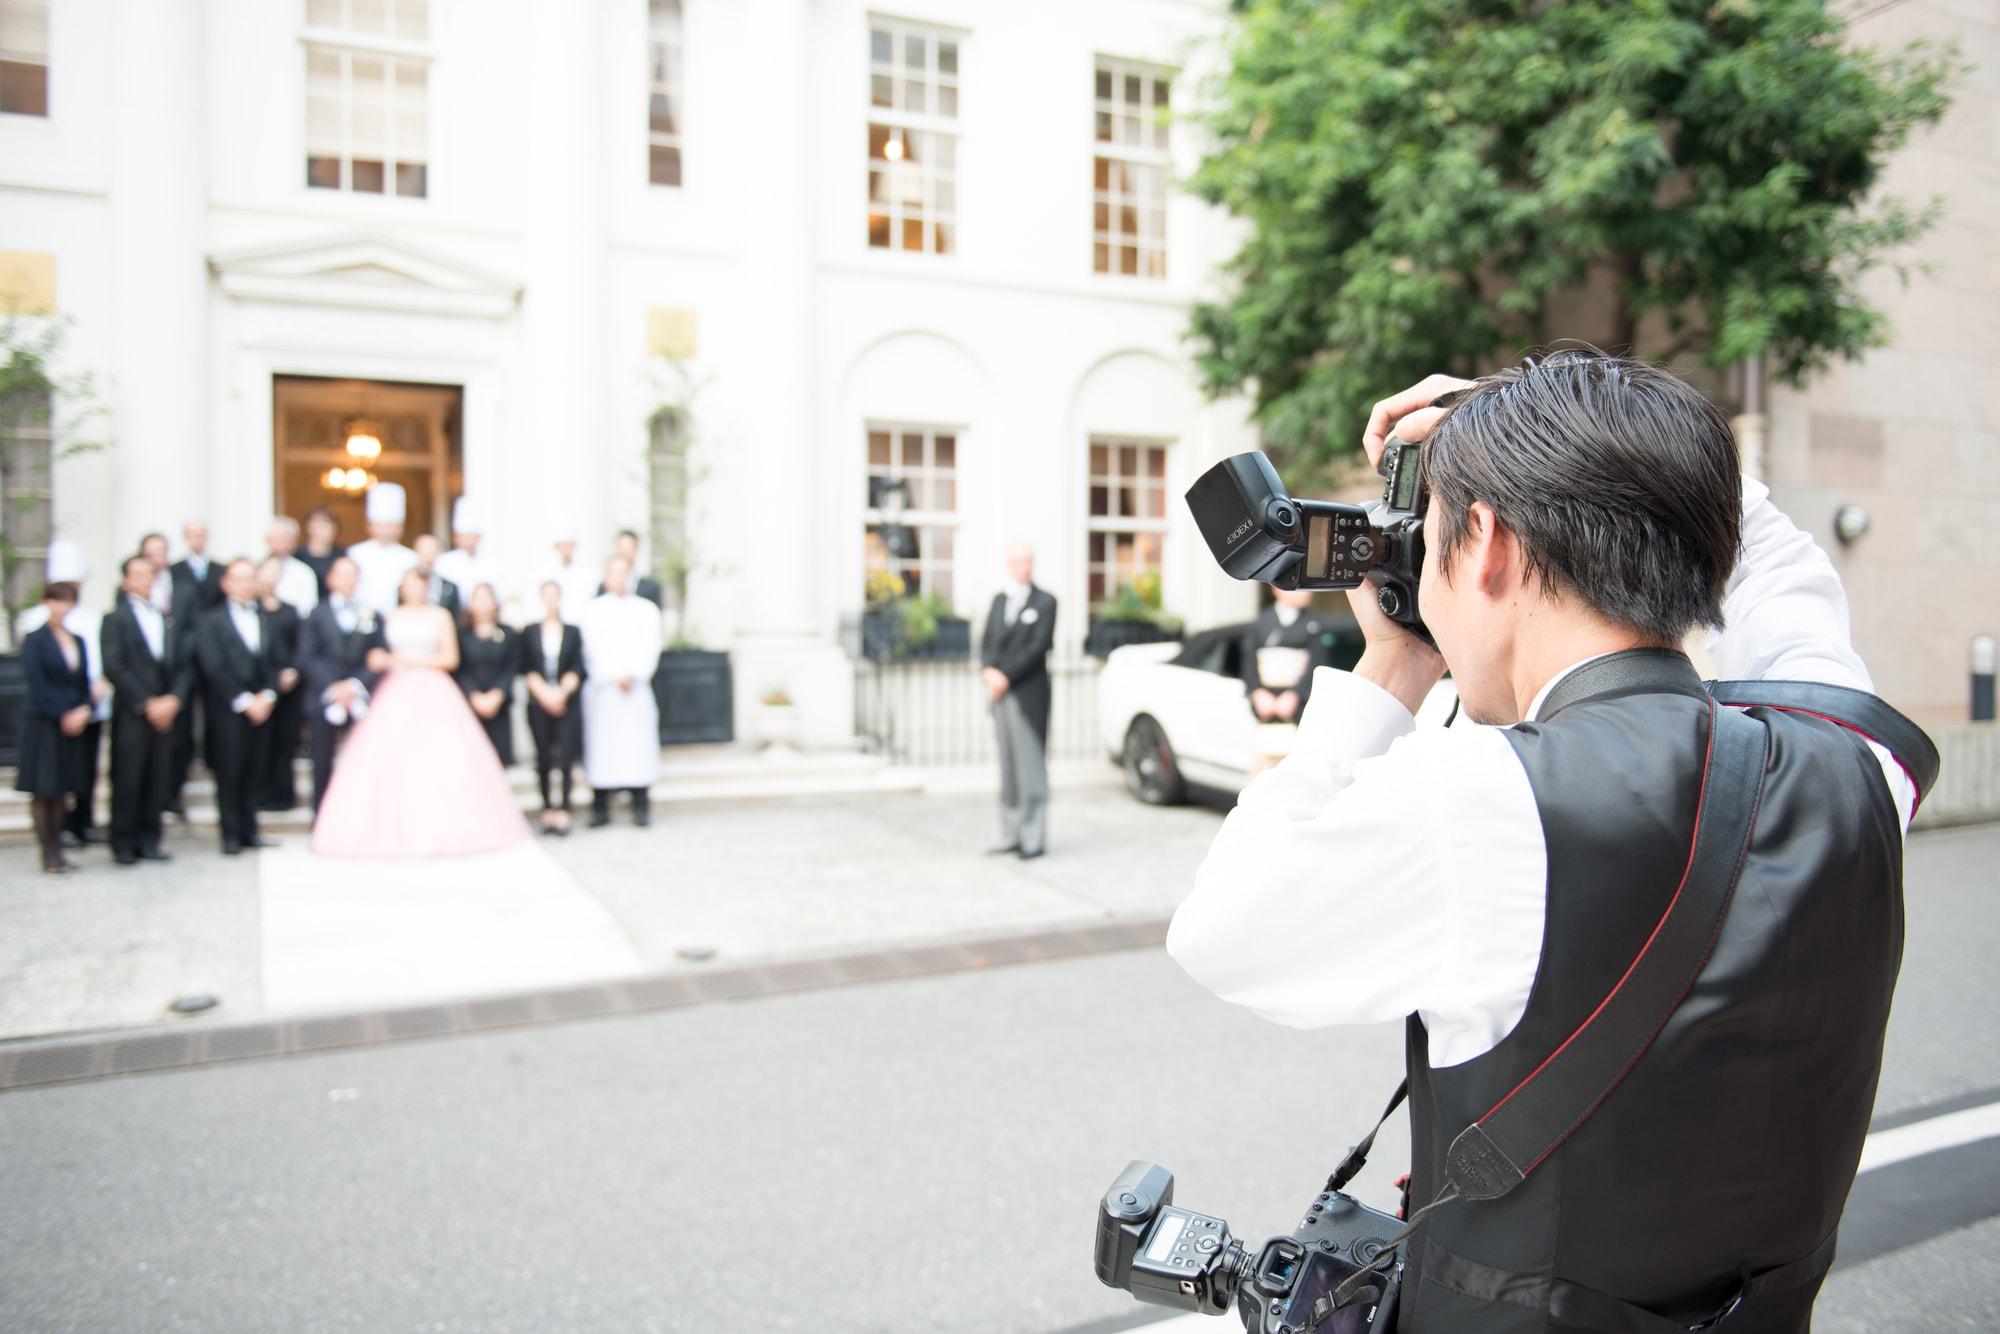 学校イベントや結婚式で撮影した集合写真は、撮影当時の思い出に浸り、過去へタイムスリップしたような気持ちになれる素敵なものです。そんな集合写真をバランスよく撮影するには、ひな段を活用するのがおすすめ。今回は、ひな段の魅力や活用シーン、さらには集合写真をきれいに撮影するためのポイントをご紹介します。